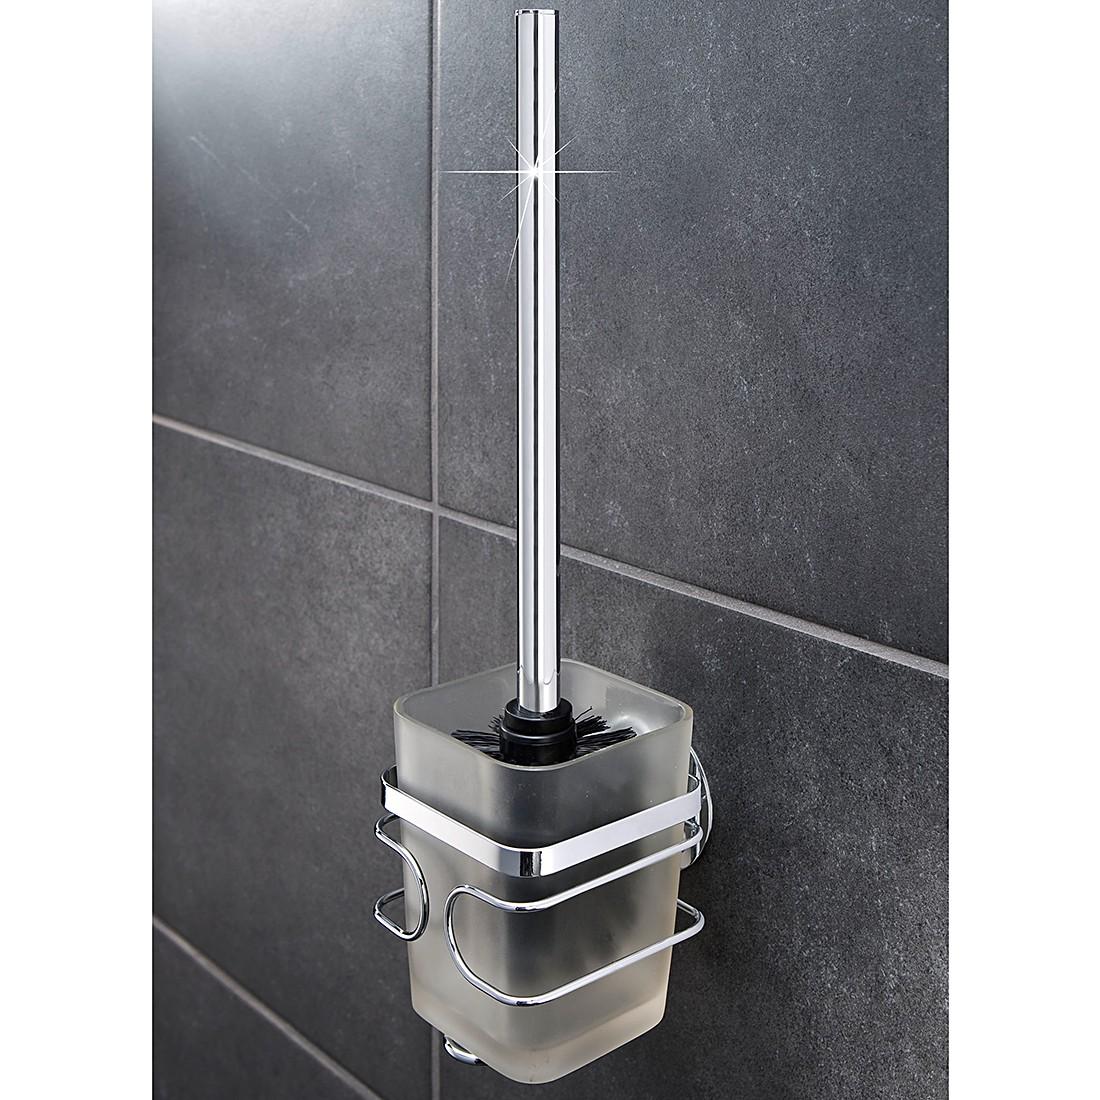 WC-Garnitur TurboFIX – Edelstahl, WENKO günstig